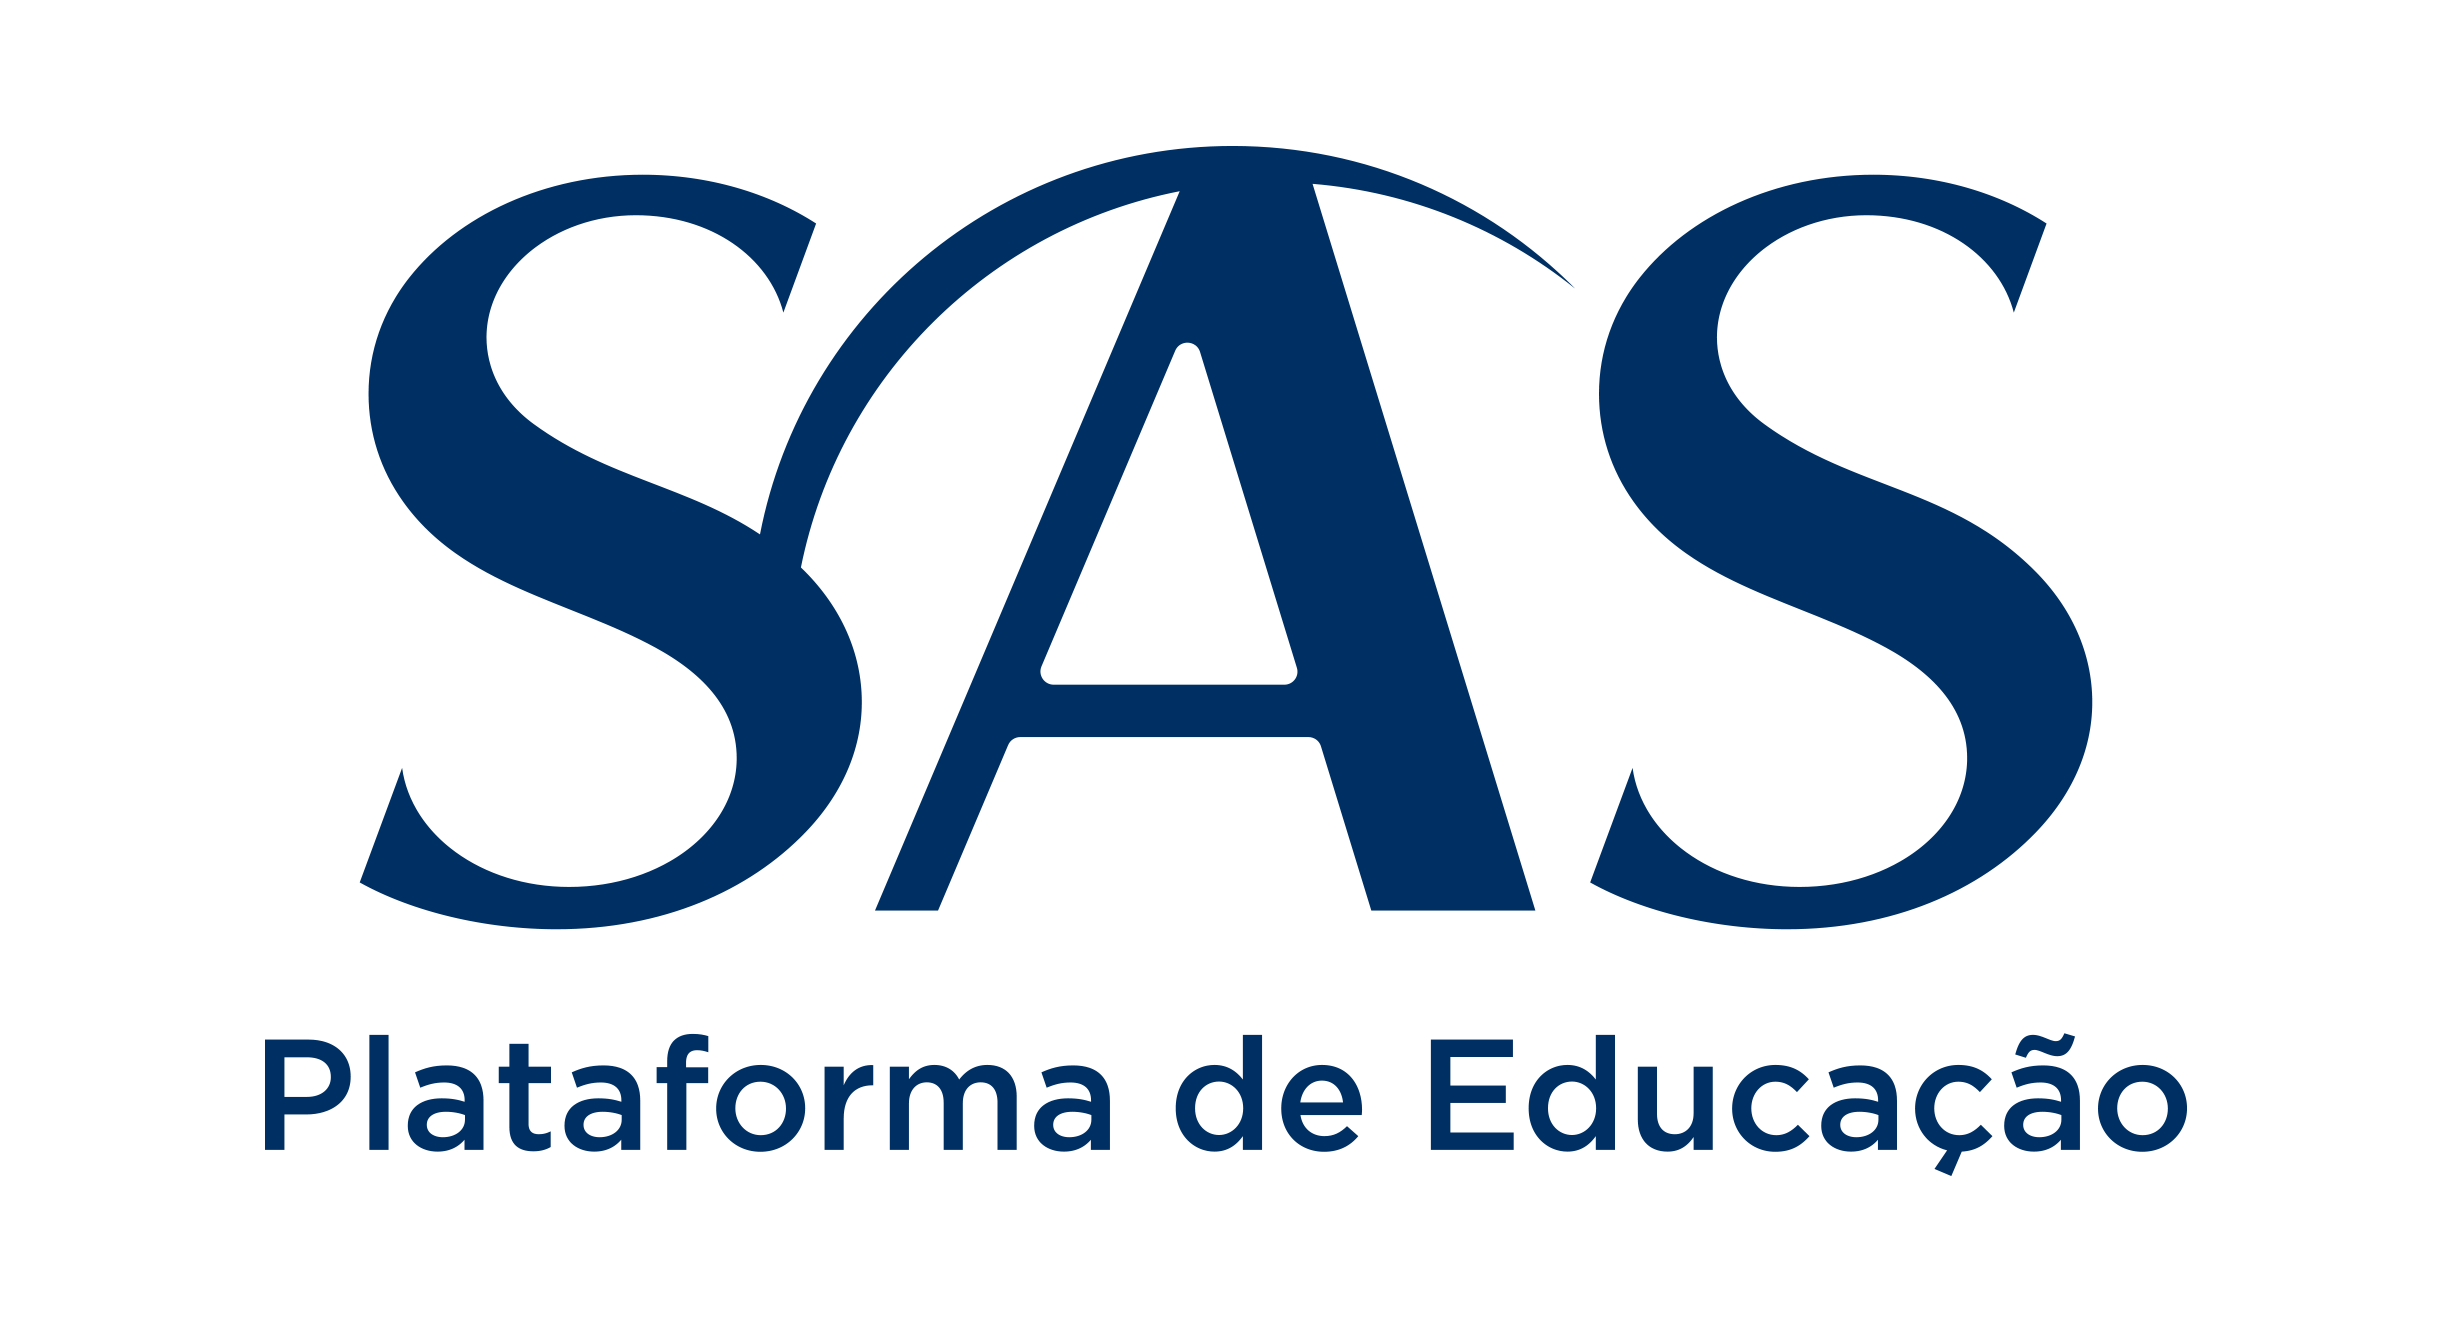 SAS Plataforma de Educação